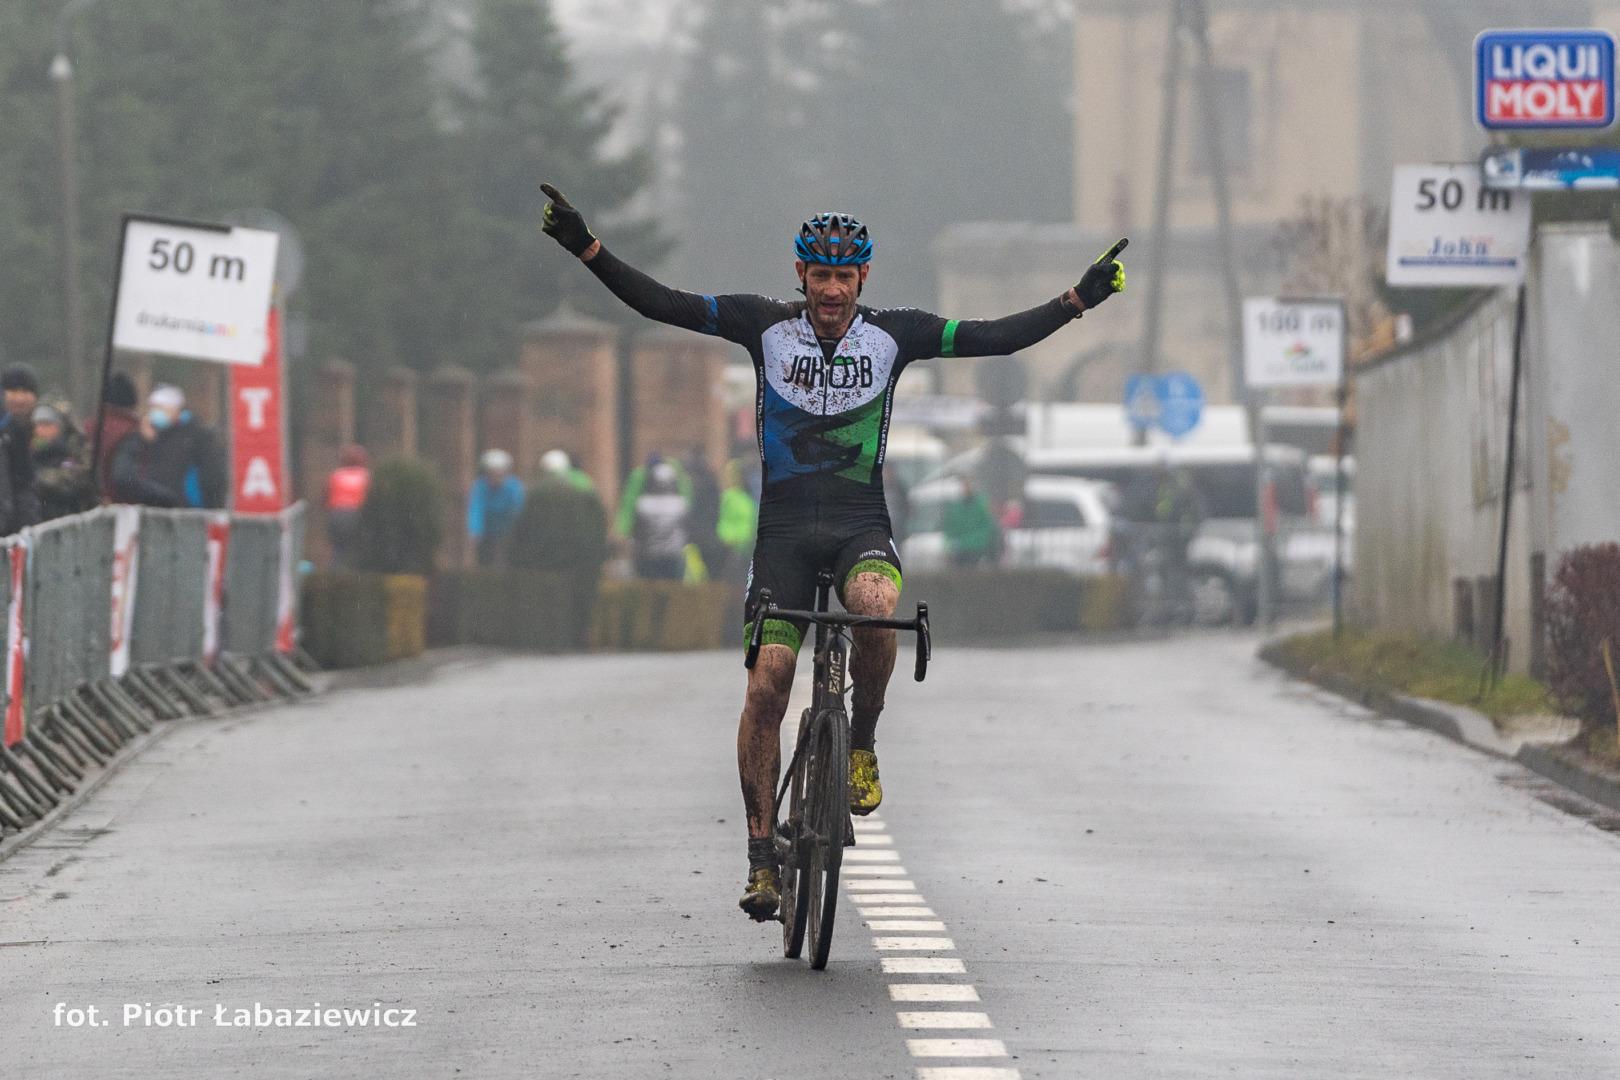 Jarosław Wolcendrof (Jakoobcycles.com) – Mistrzostwa Polski w kolarstwie przełajowym, Włoszakowice 2021